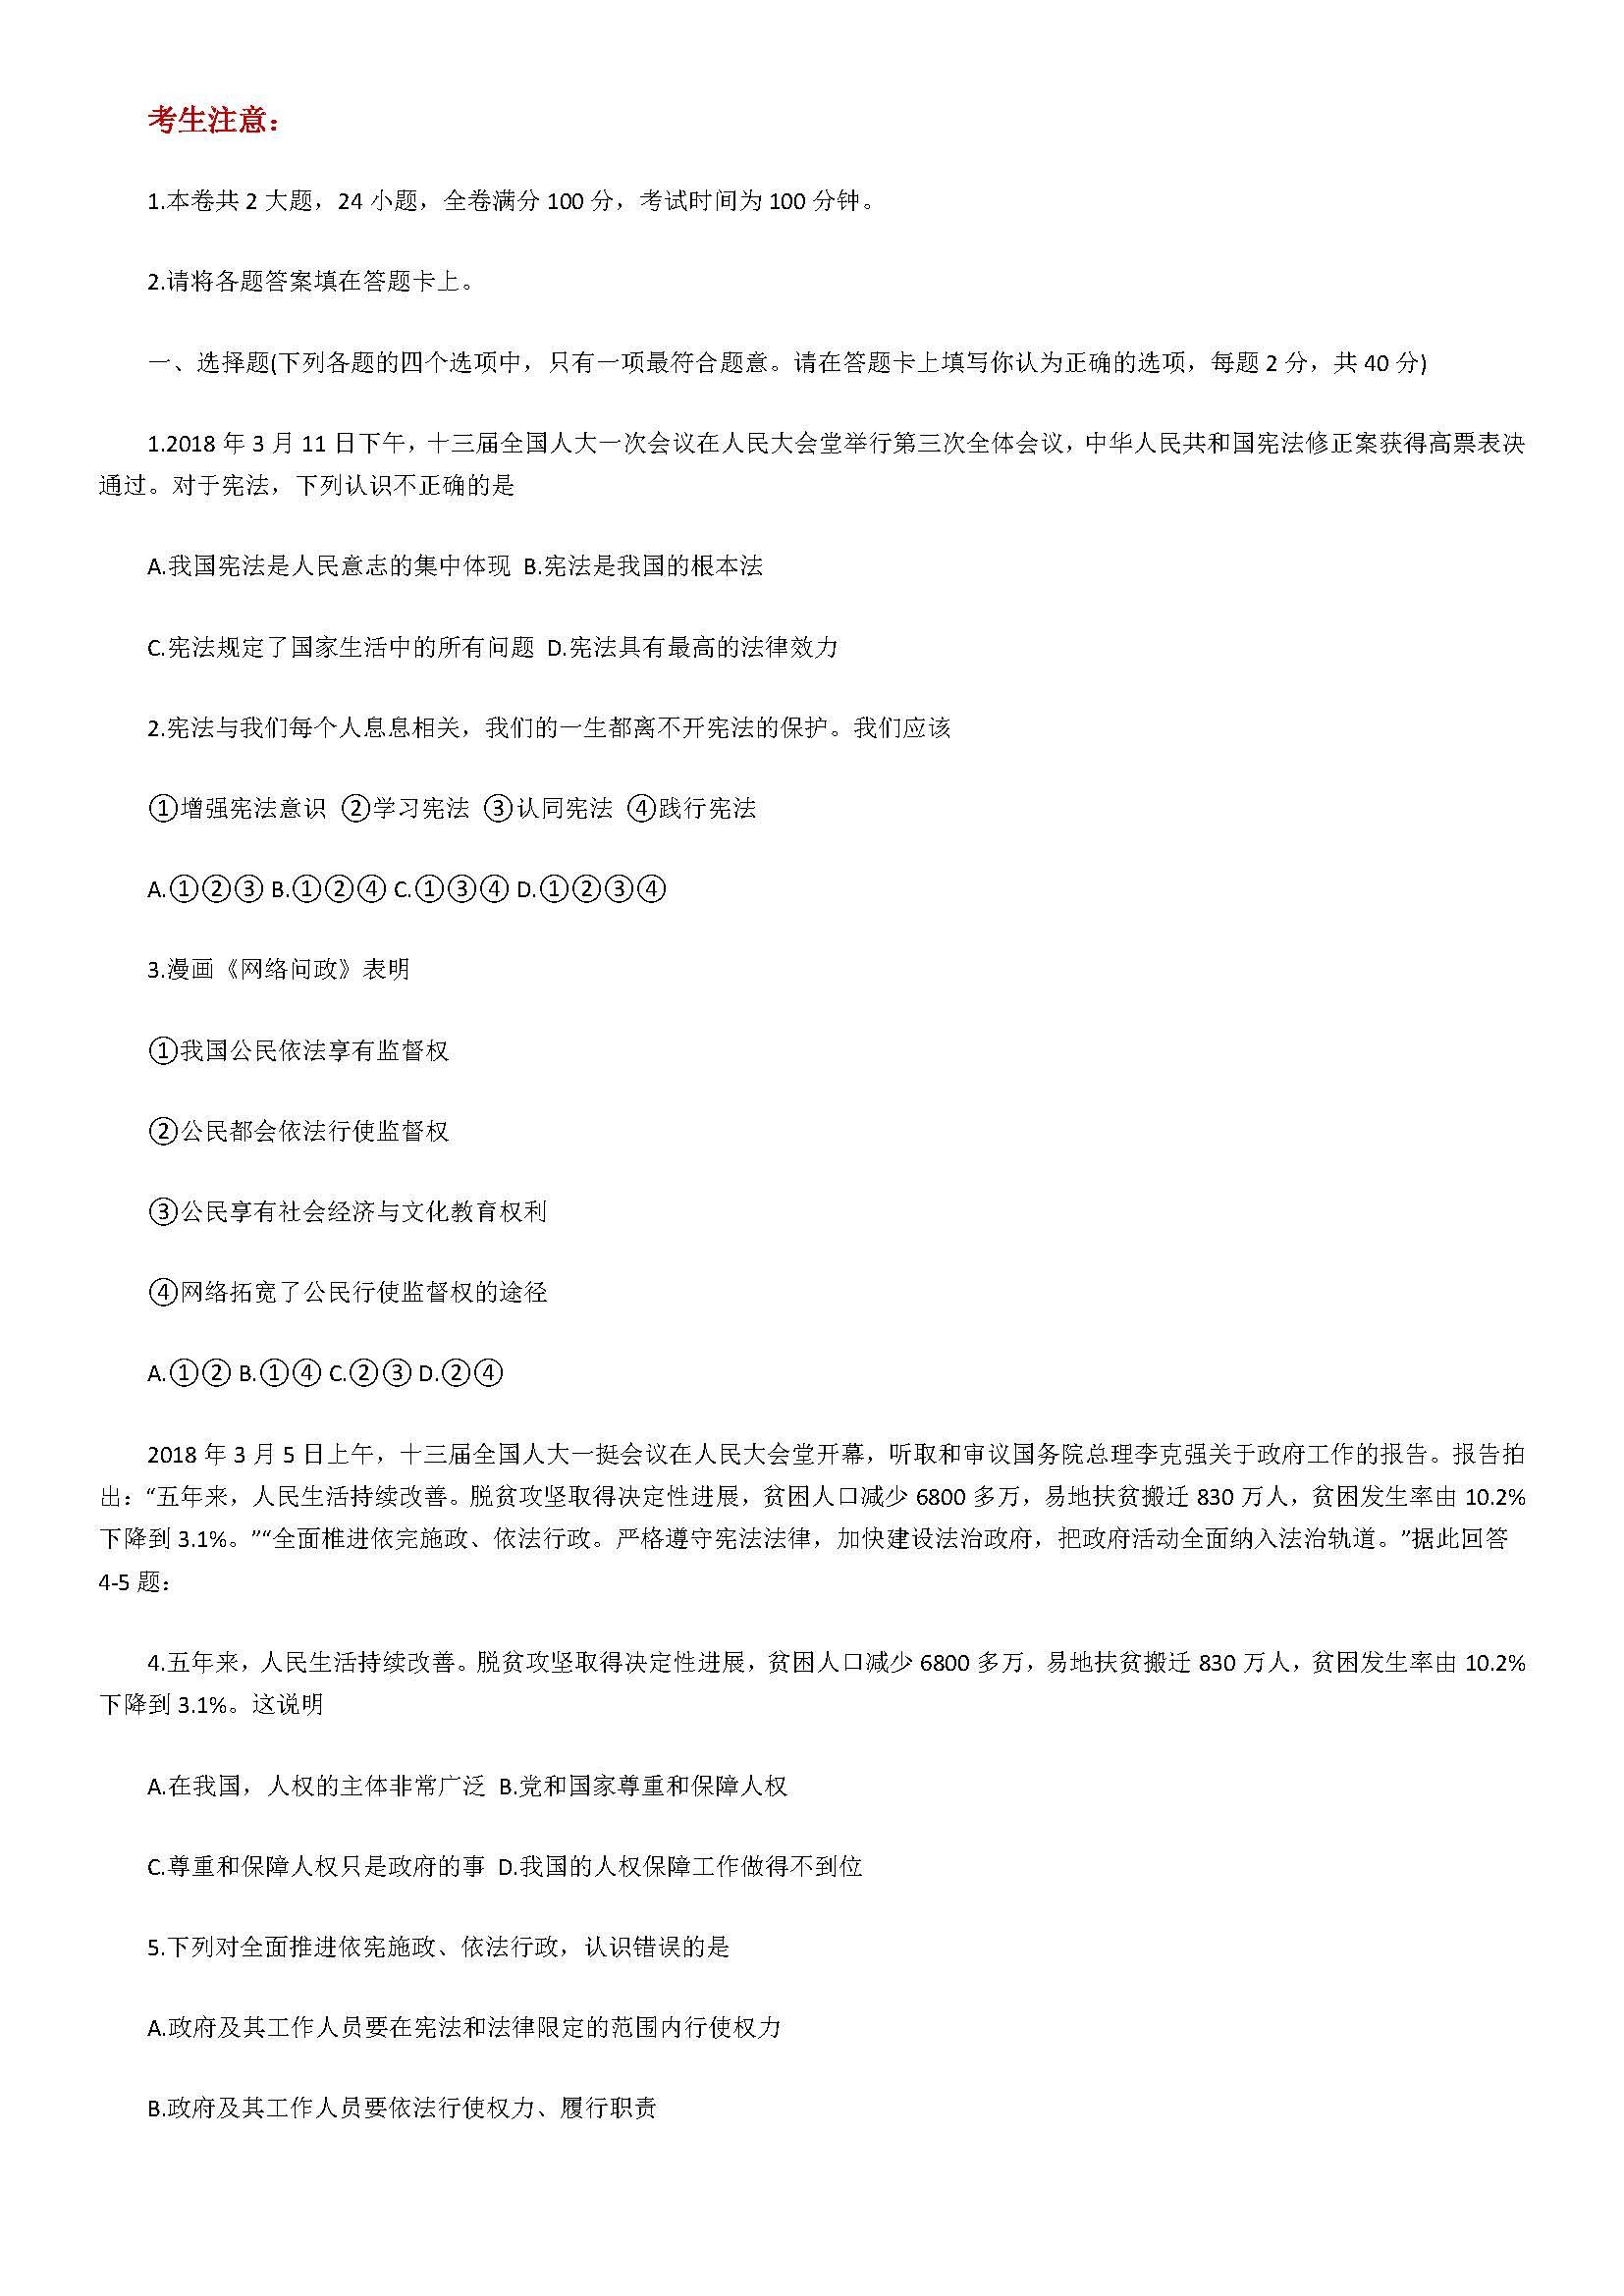 新人教版2018八年级政治下册期末测试题含答案(甘肃省定西市)